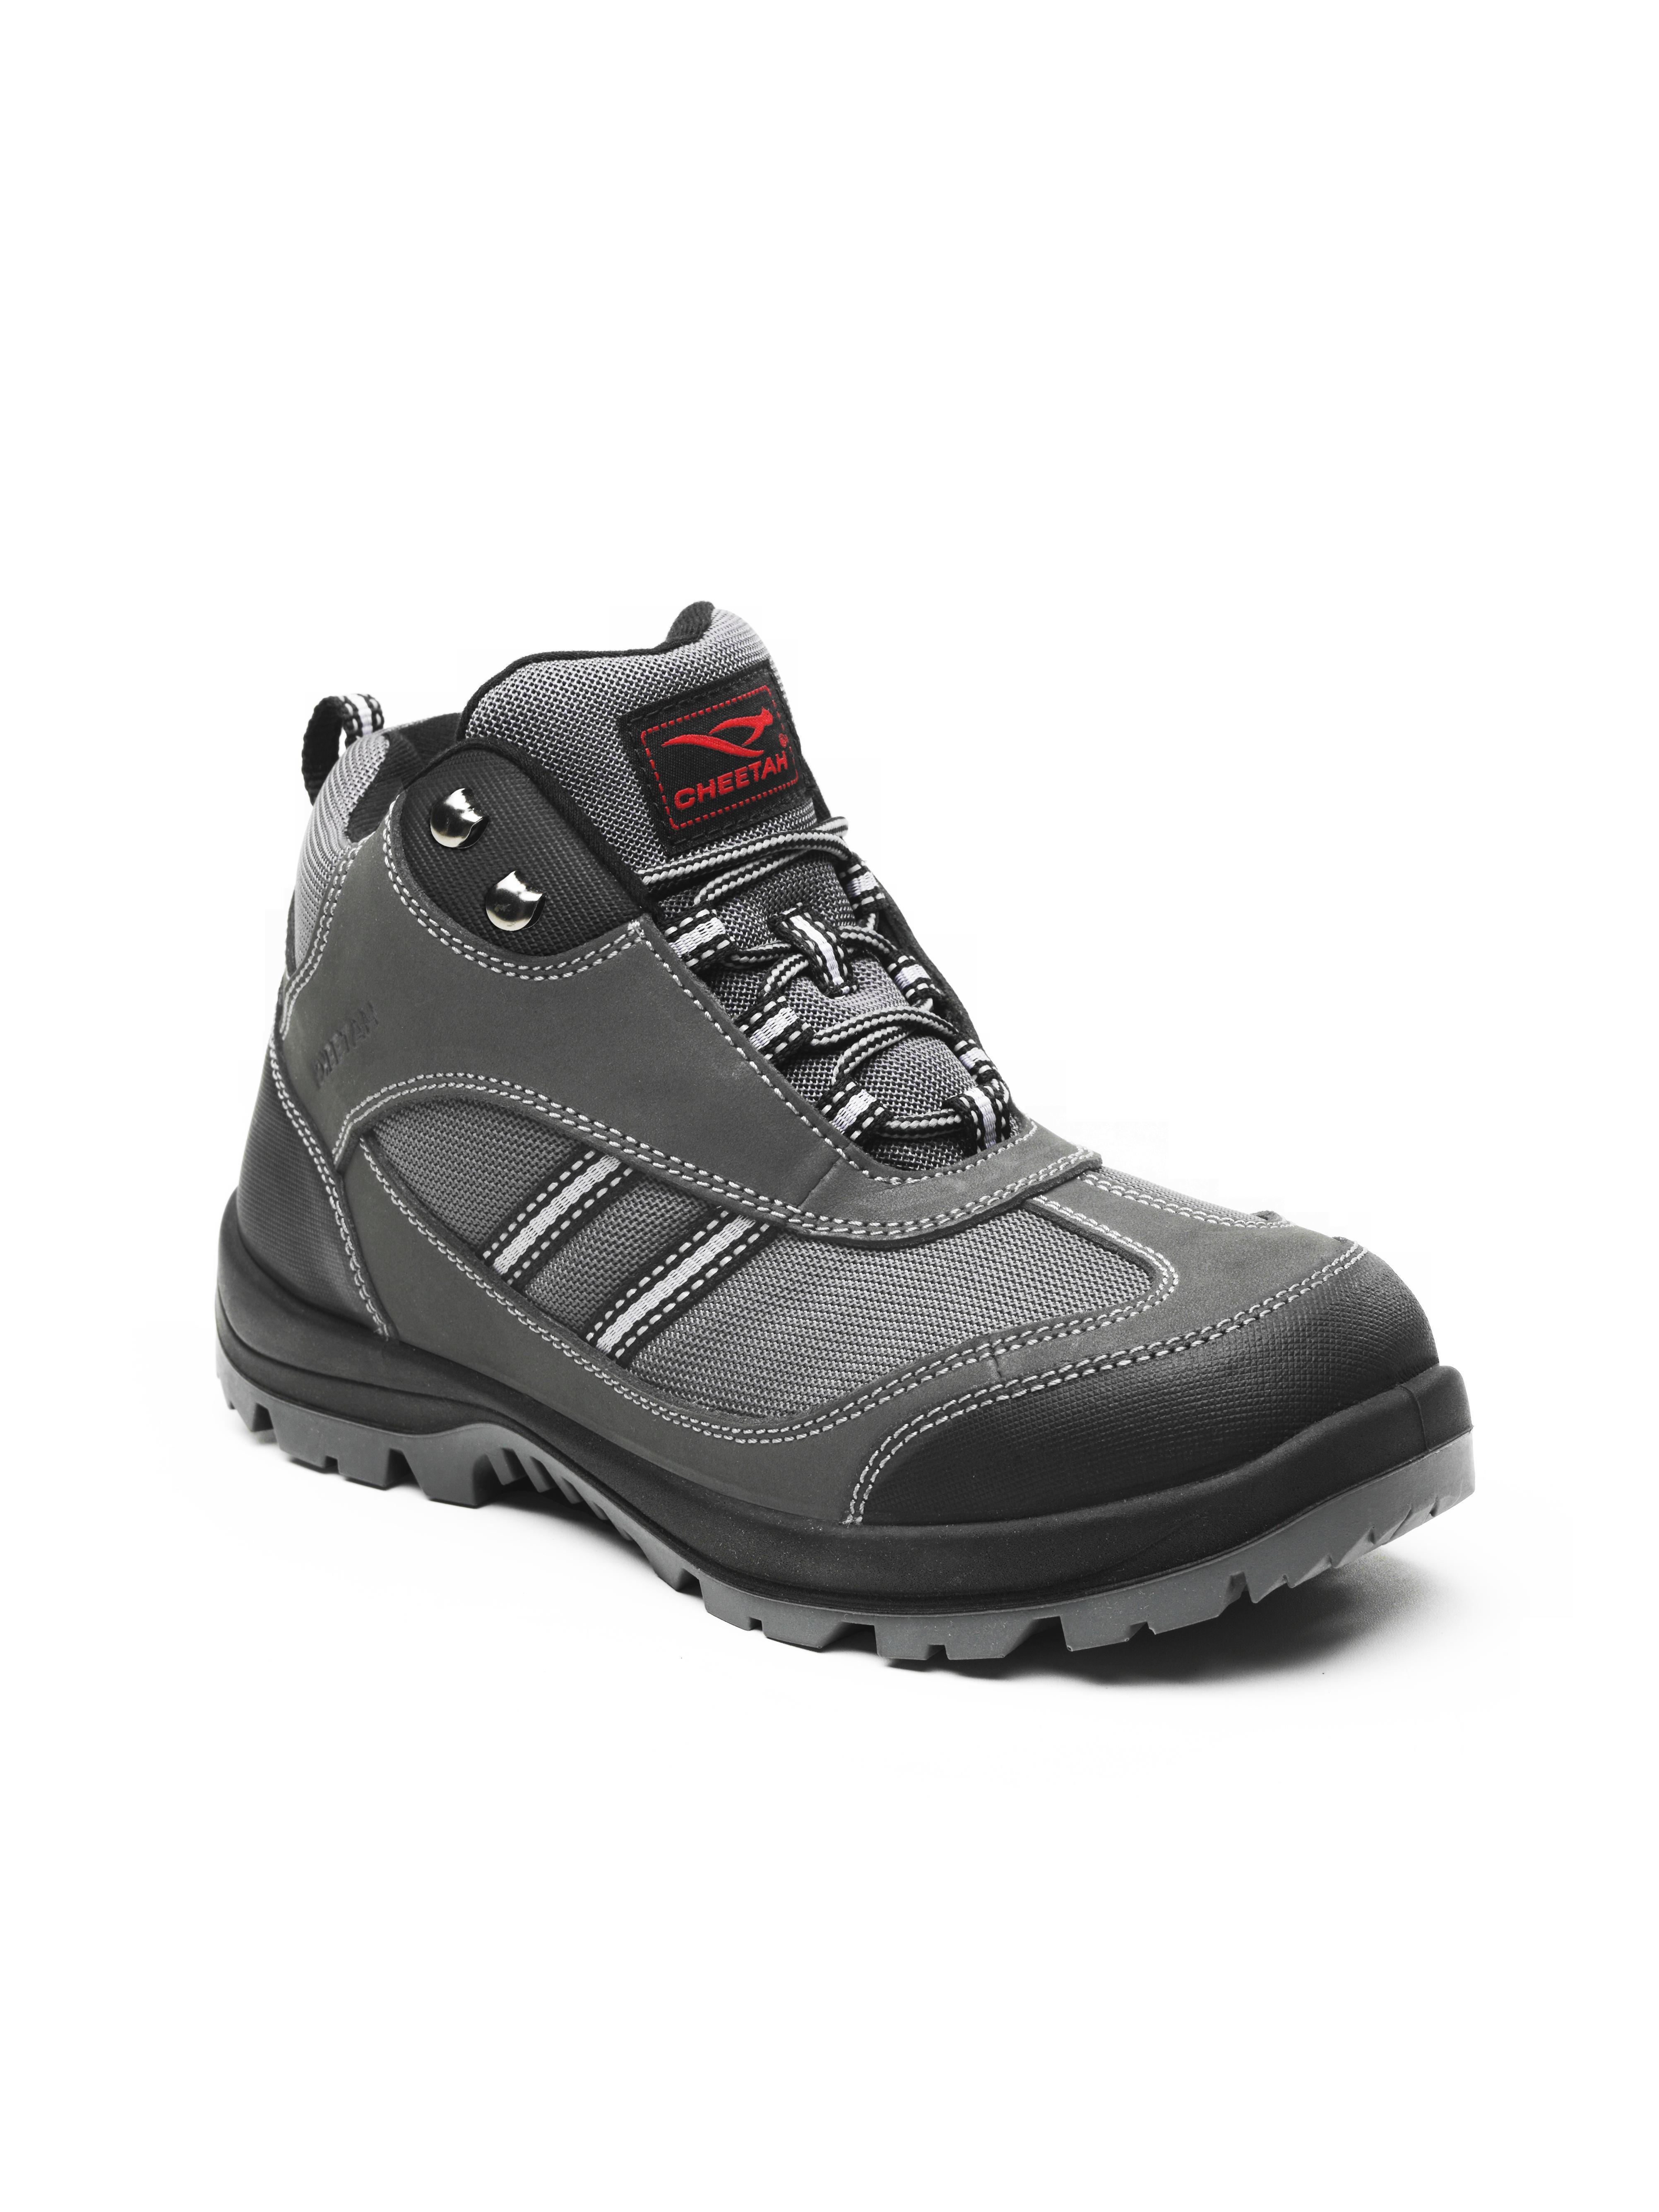 Jual Jual Sepatu Safety Cheetah 5106 HA Harga Murah